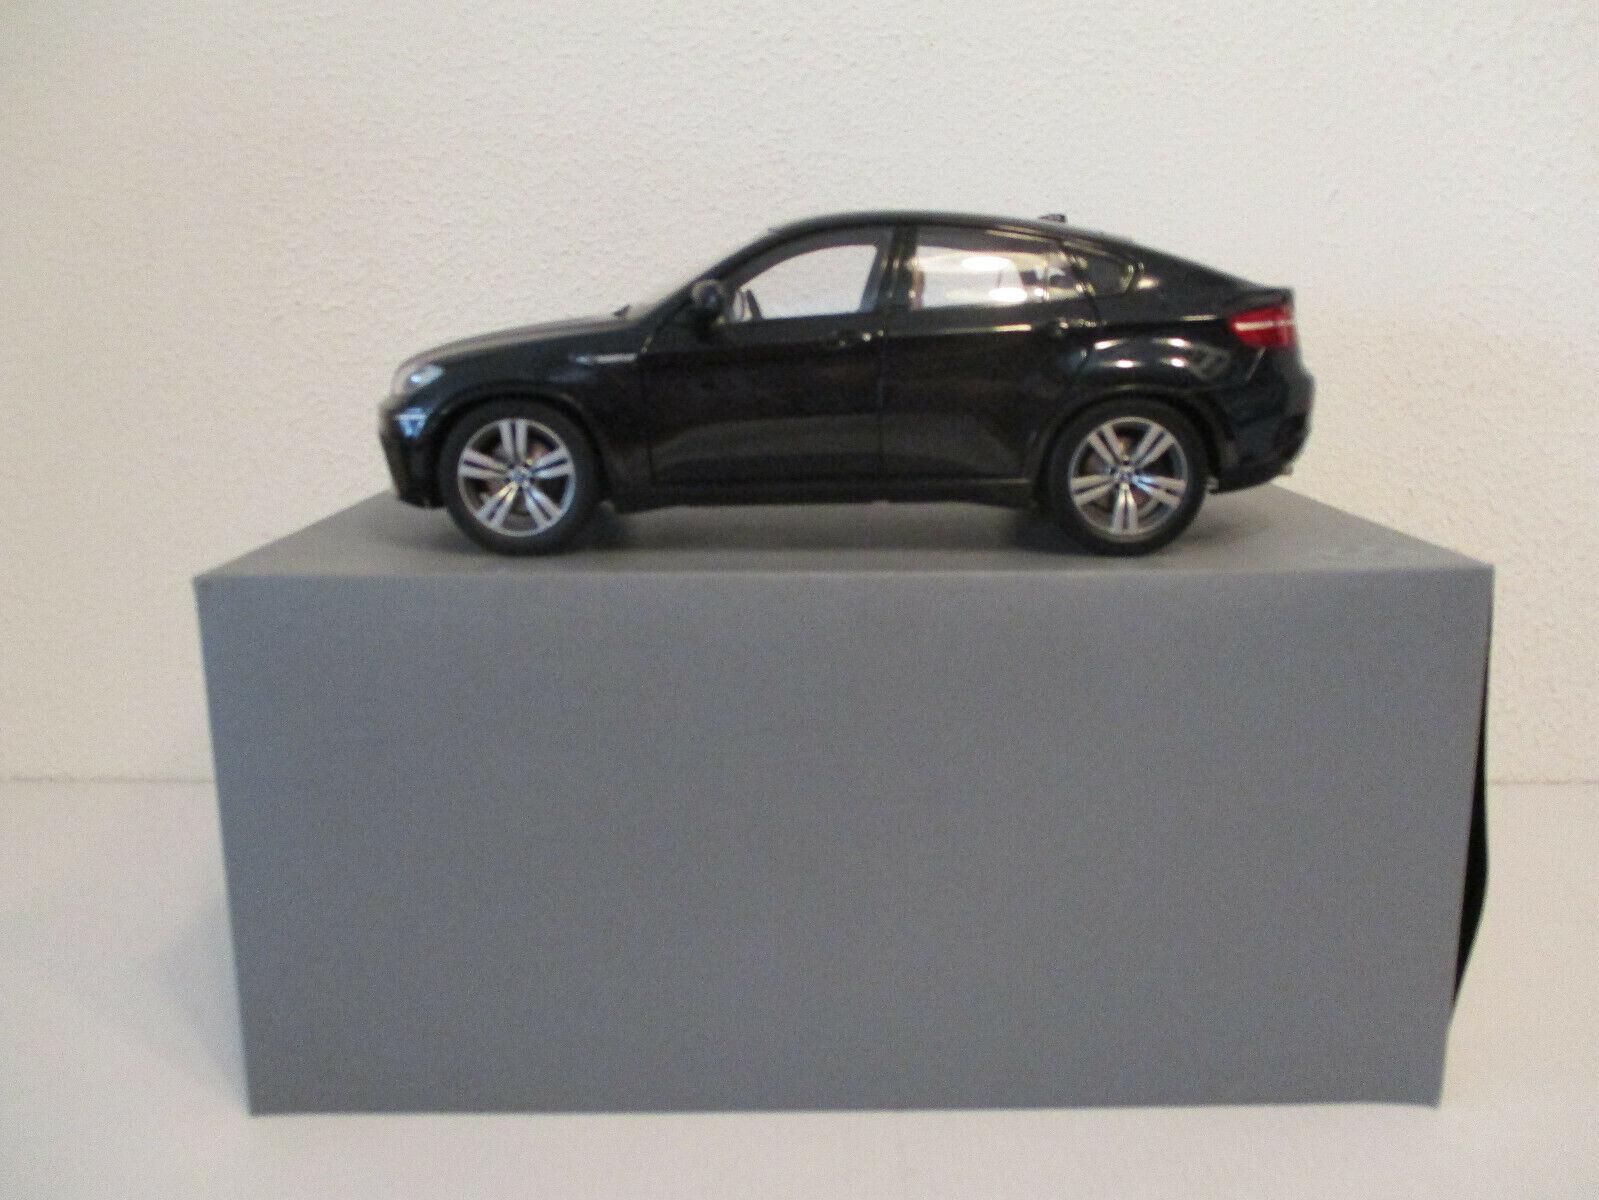 (gokr) 1 18 Kyosho BMW x6 m neuf neuf dans sa boîte